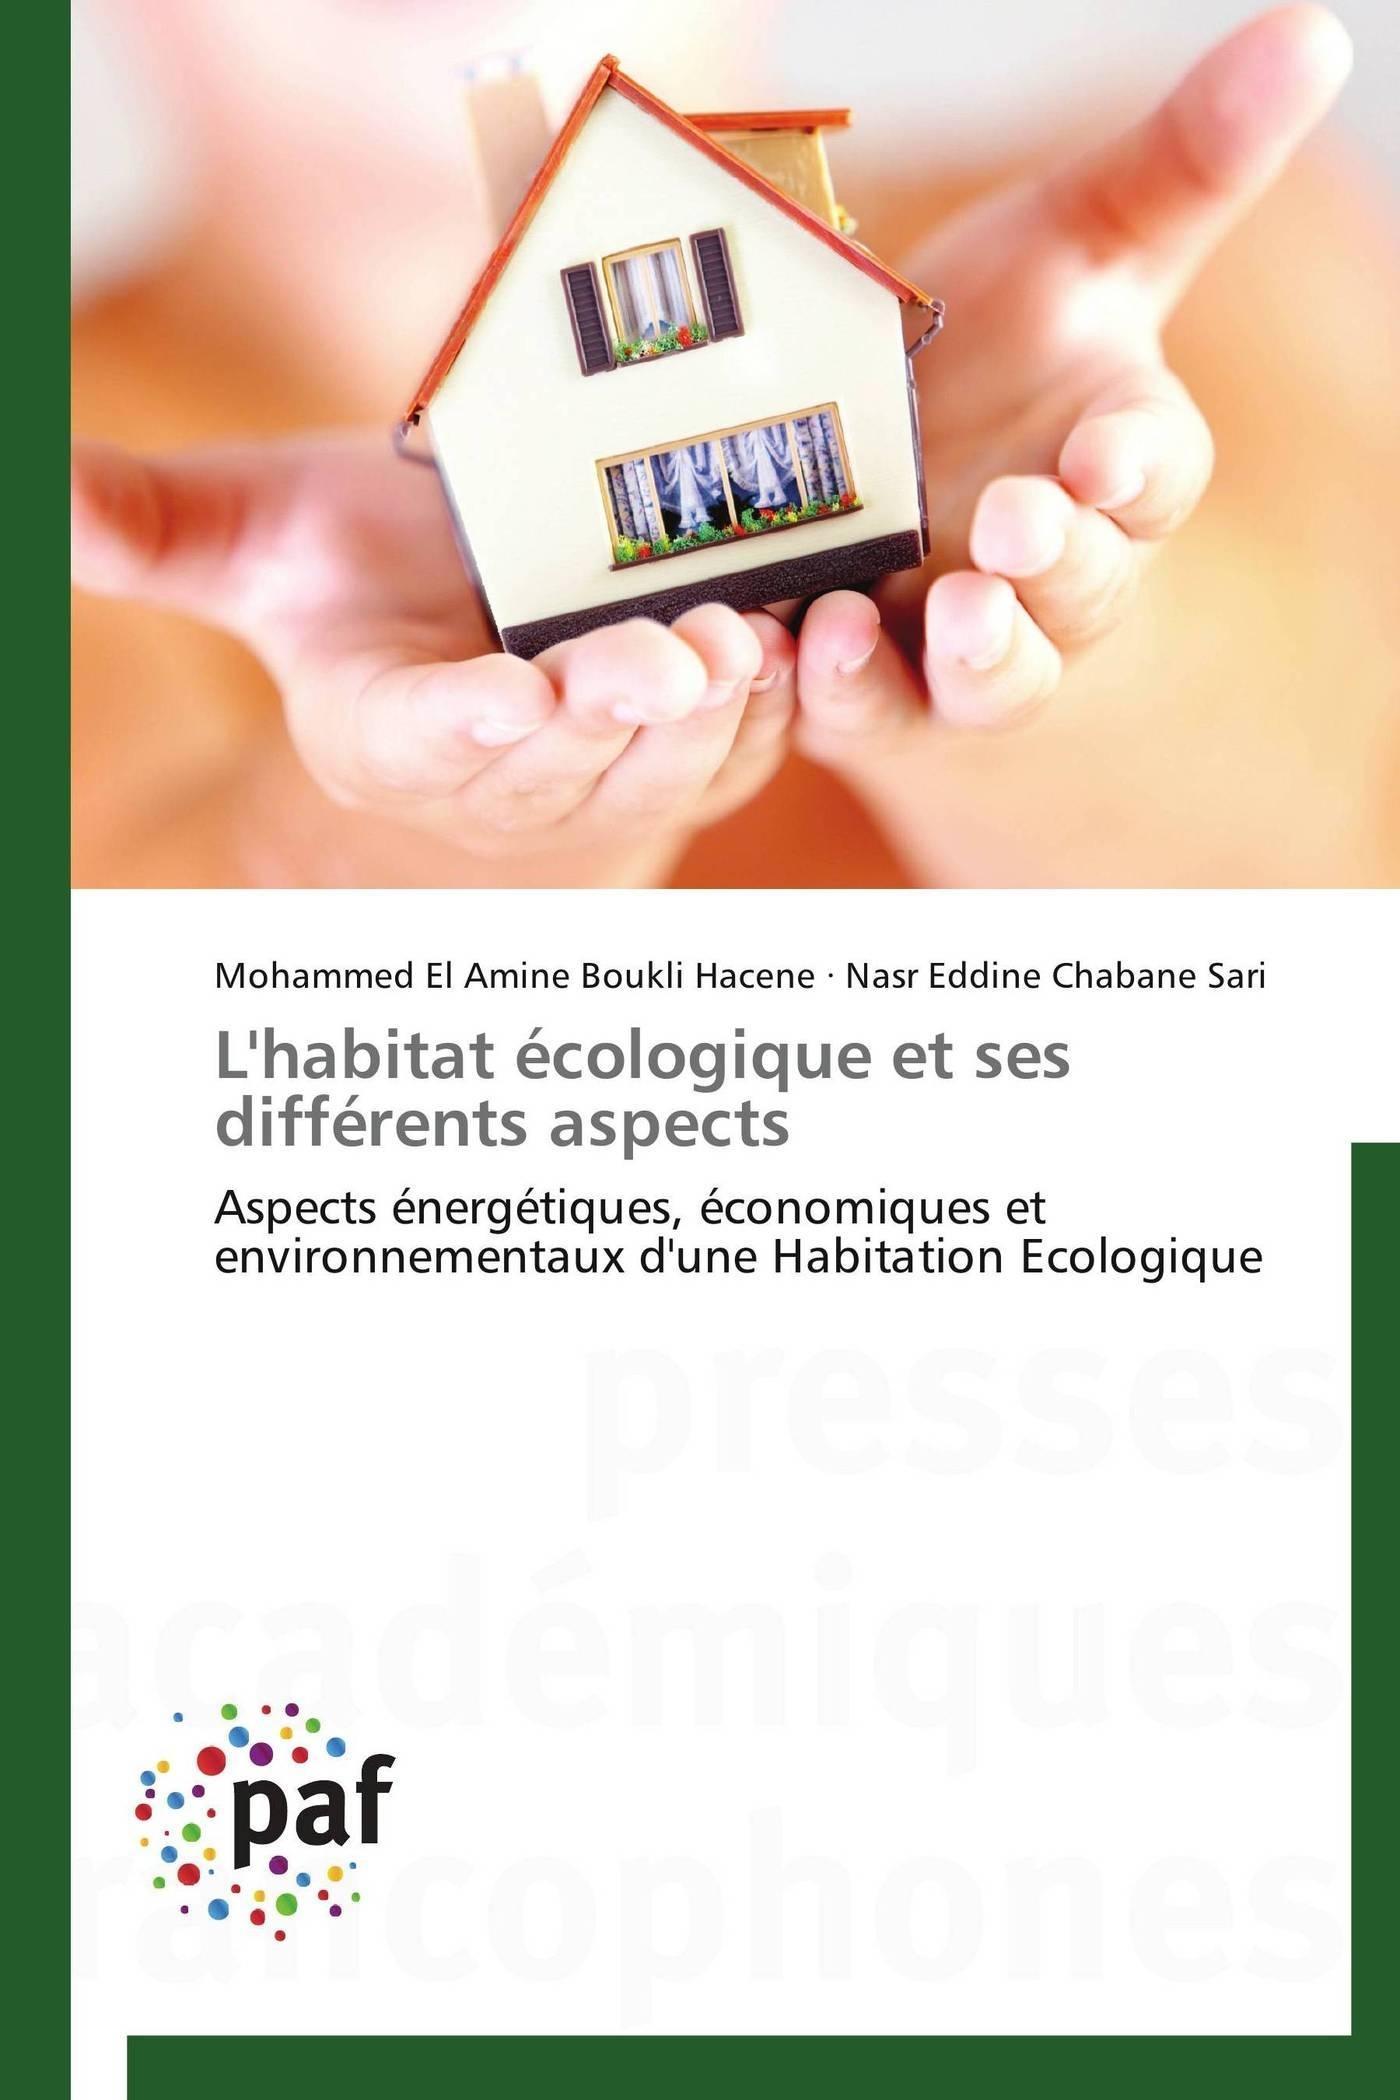 L'HABITAT ECOLOGIQUE ET SES DIFFERENTS ASPECTS